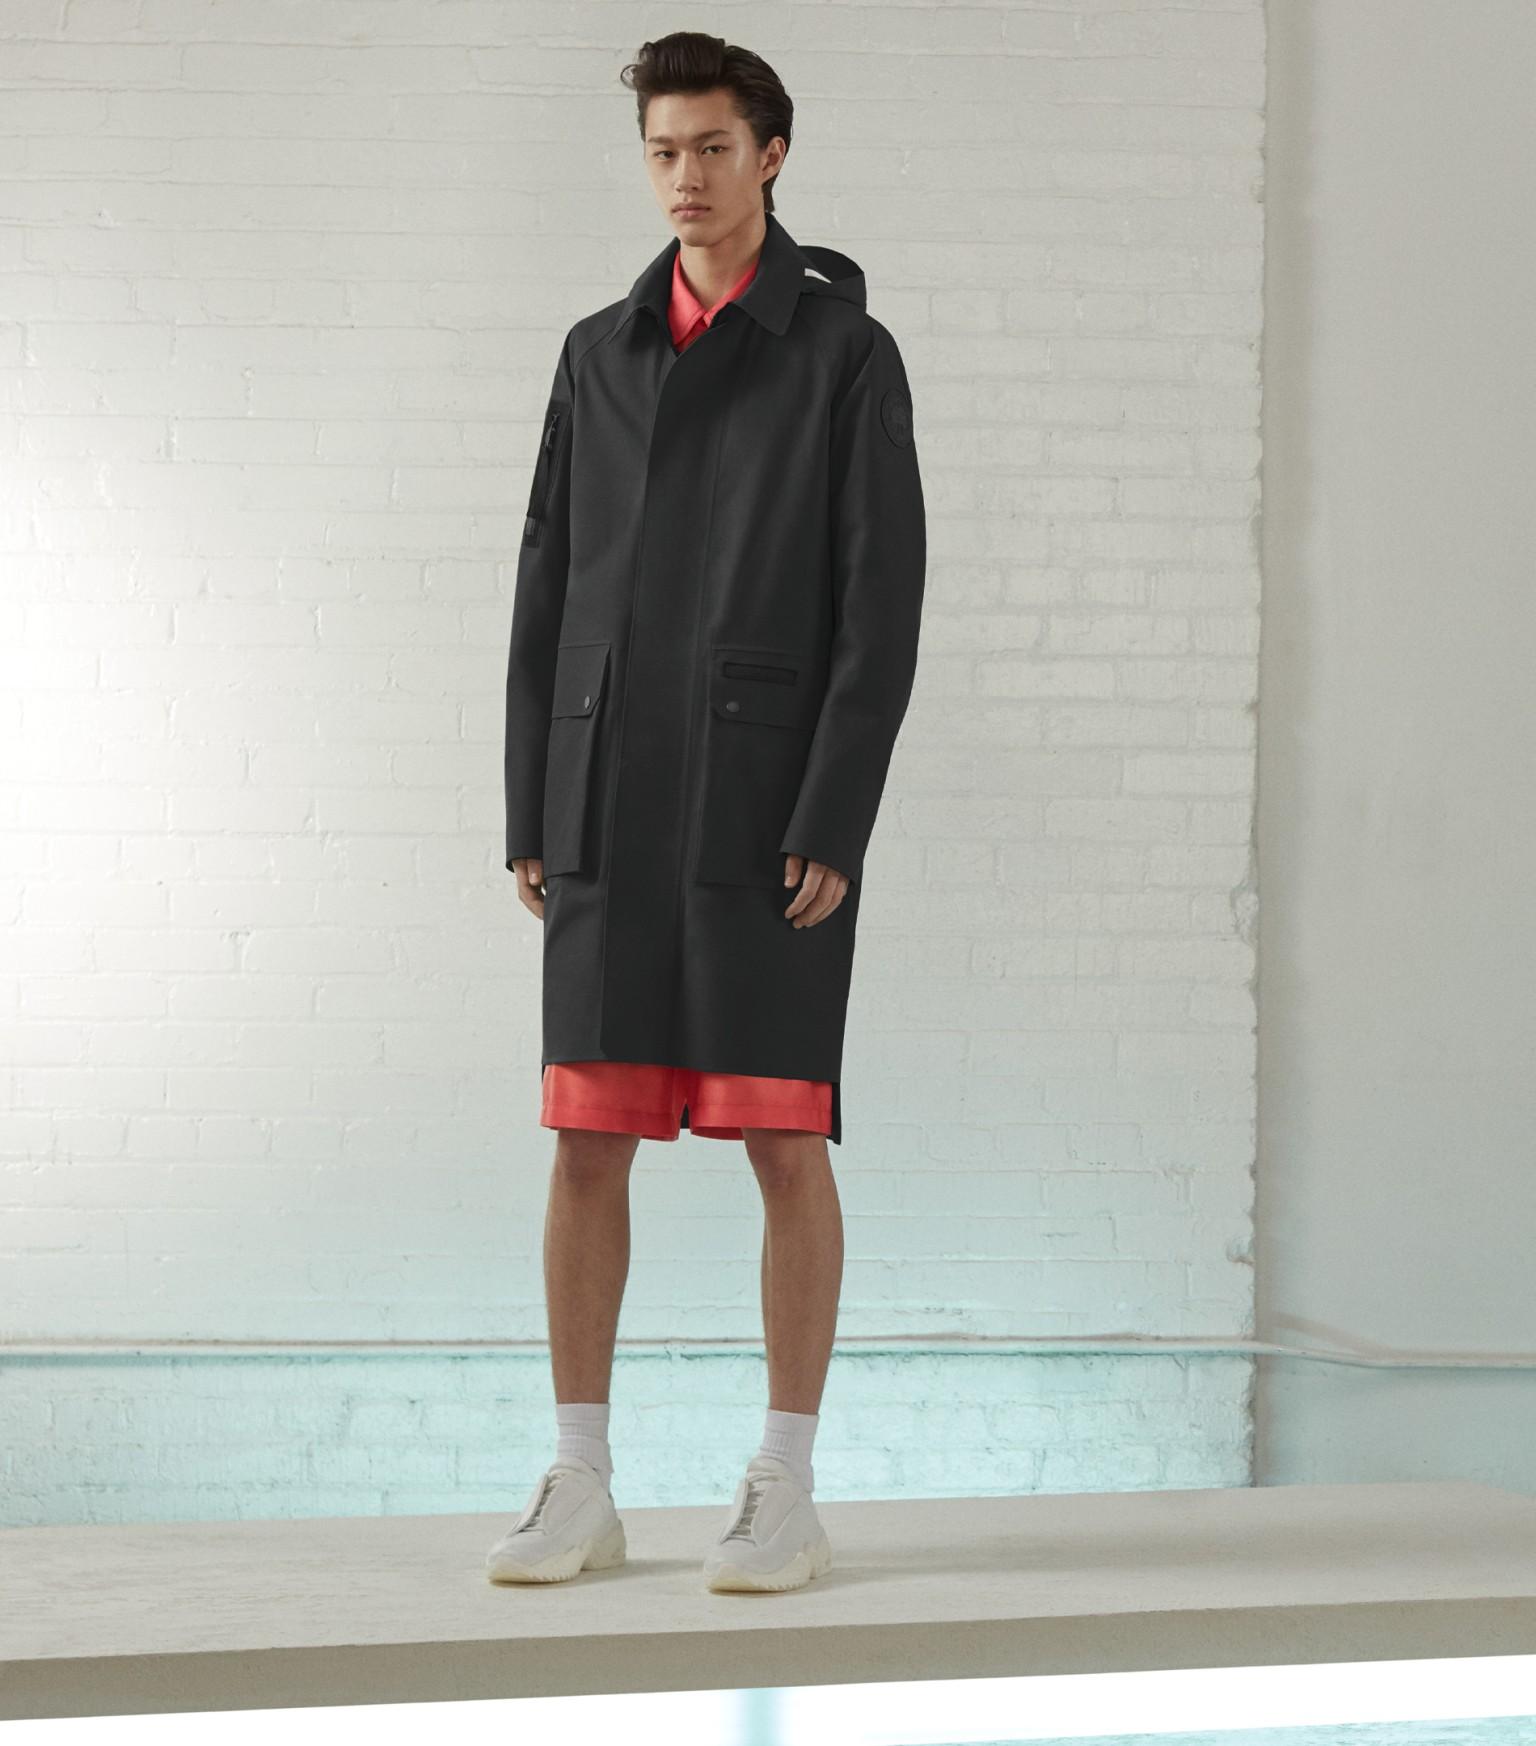 Lumen 风衣外套 | BRANTA | Canada Goose